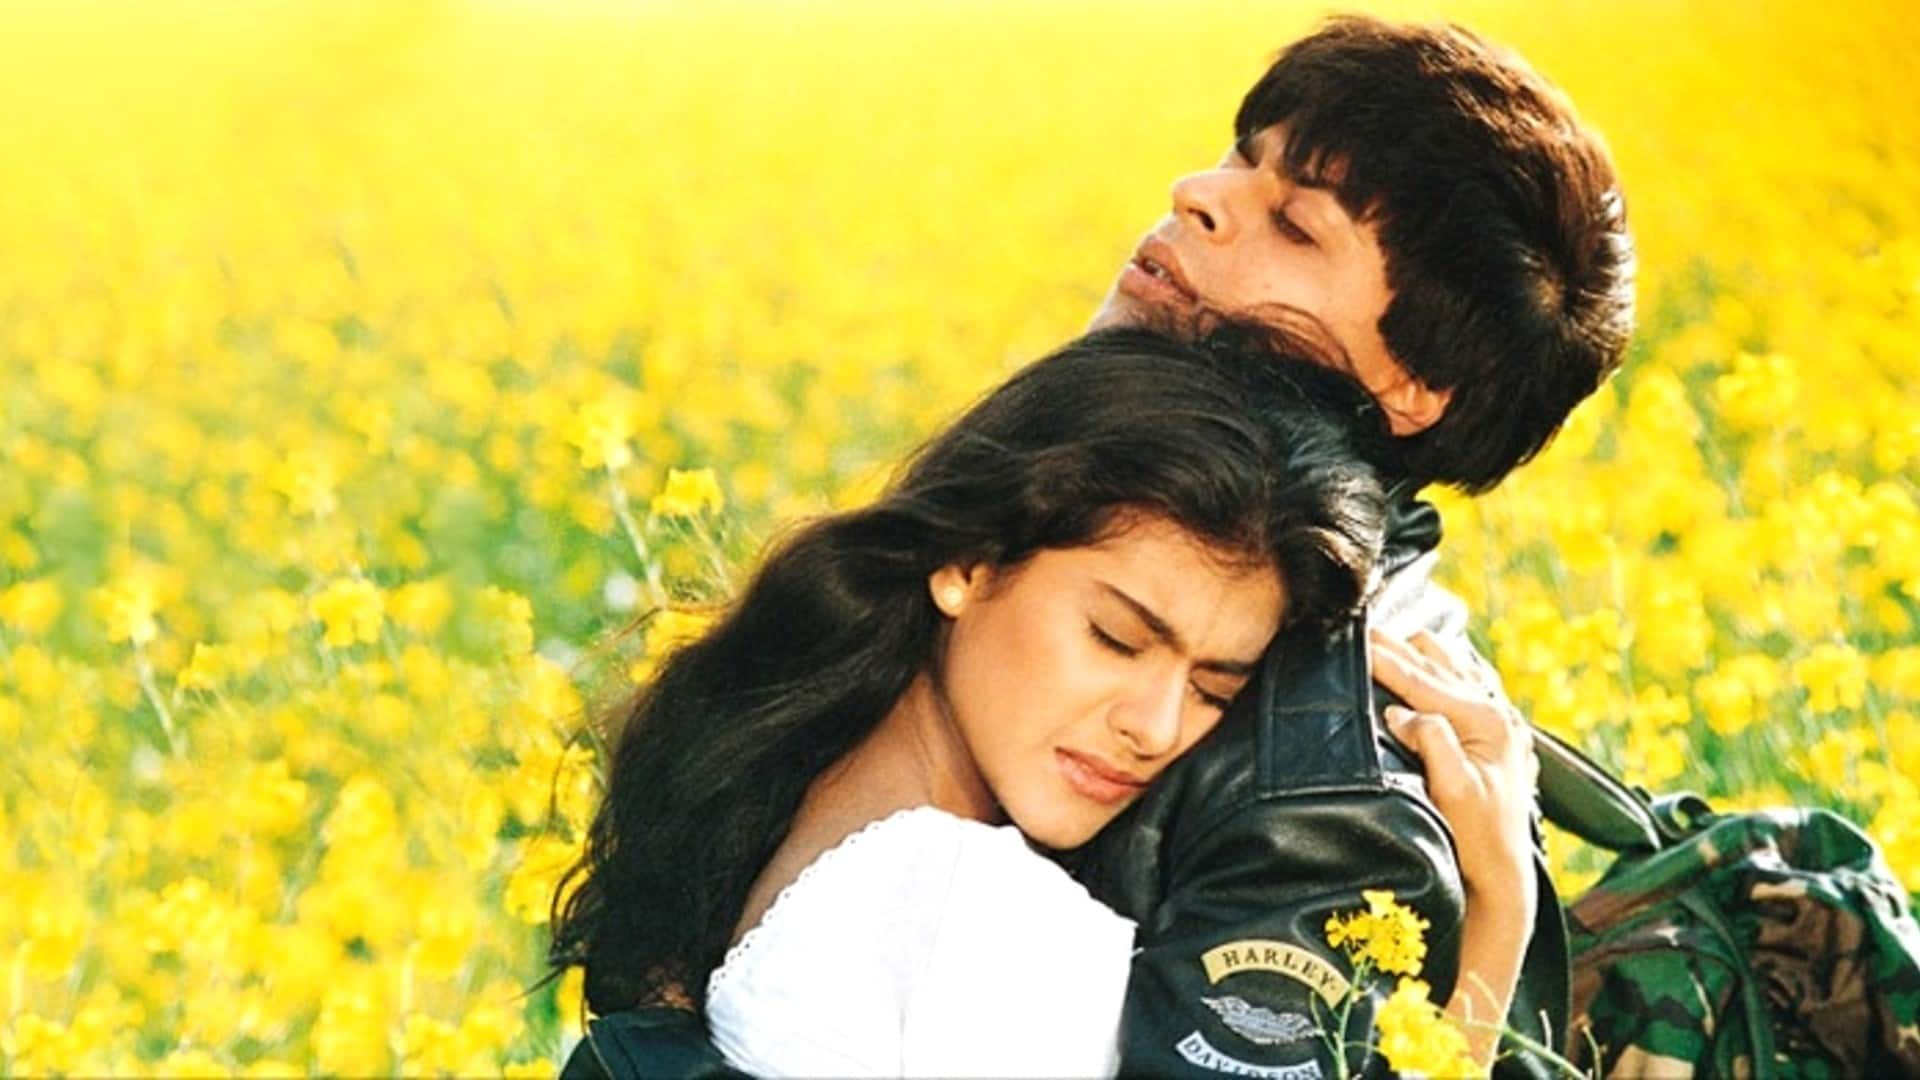 शाहरुख़ खान की ये 5 फ़िल्में अगर आज के समय में रिलीज़ हुई होती तो पक्का फ्लॉप होतीं !